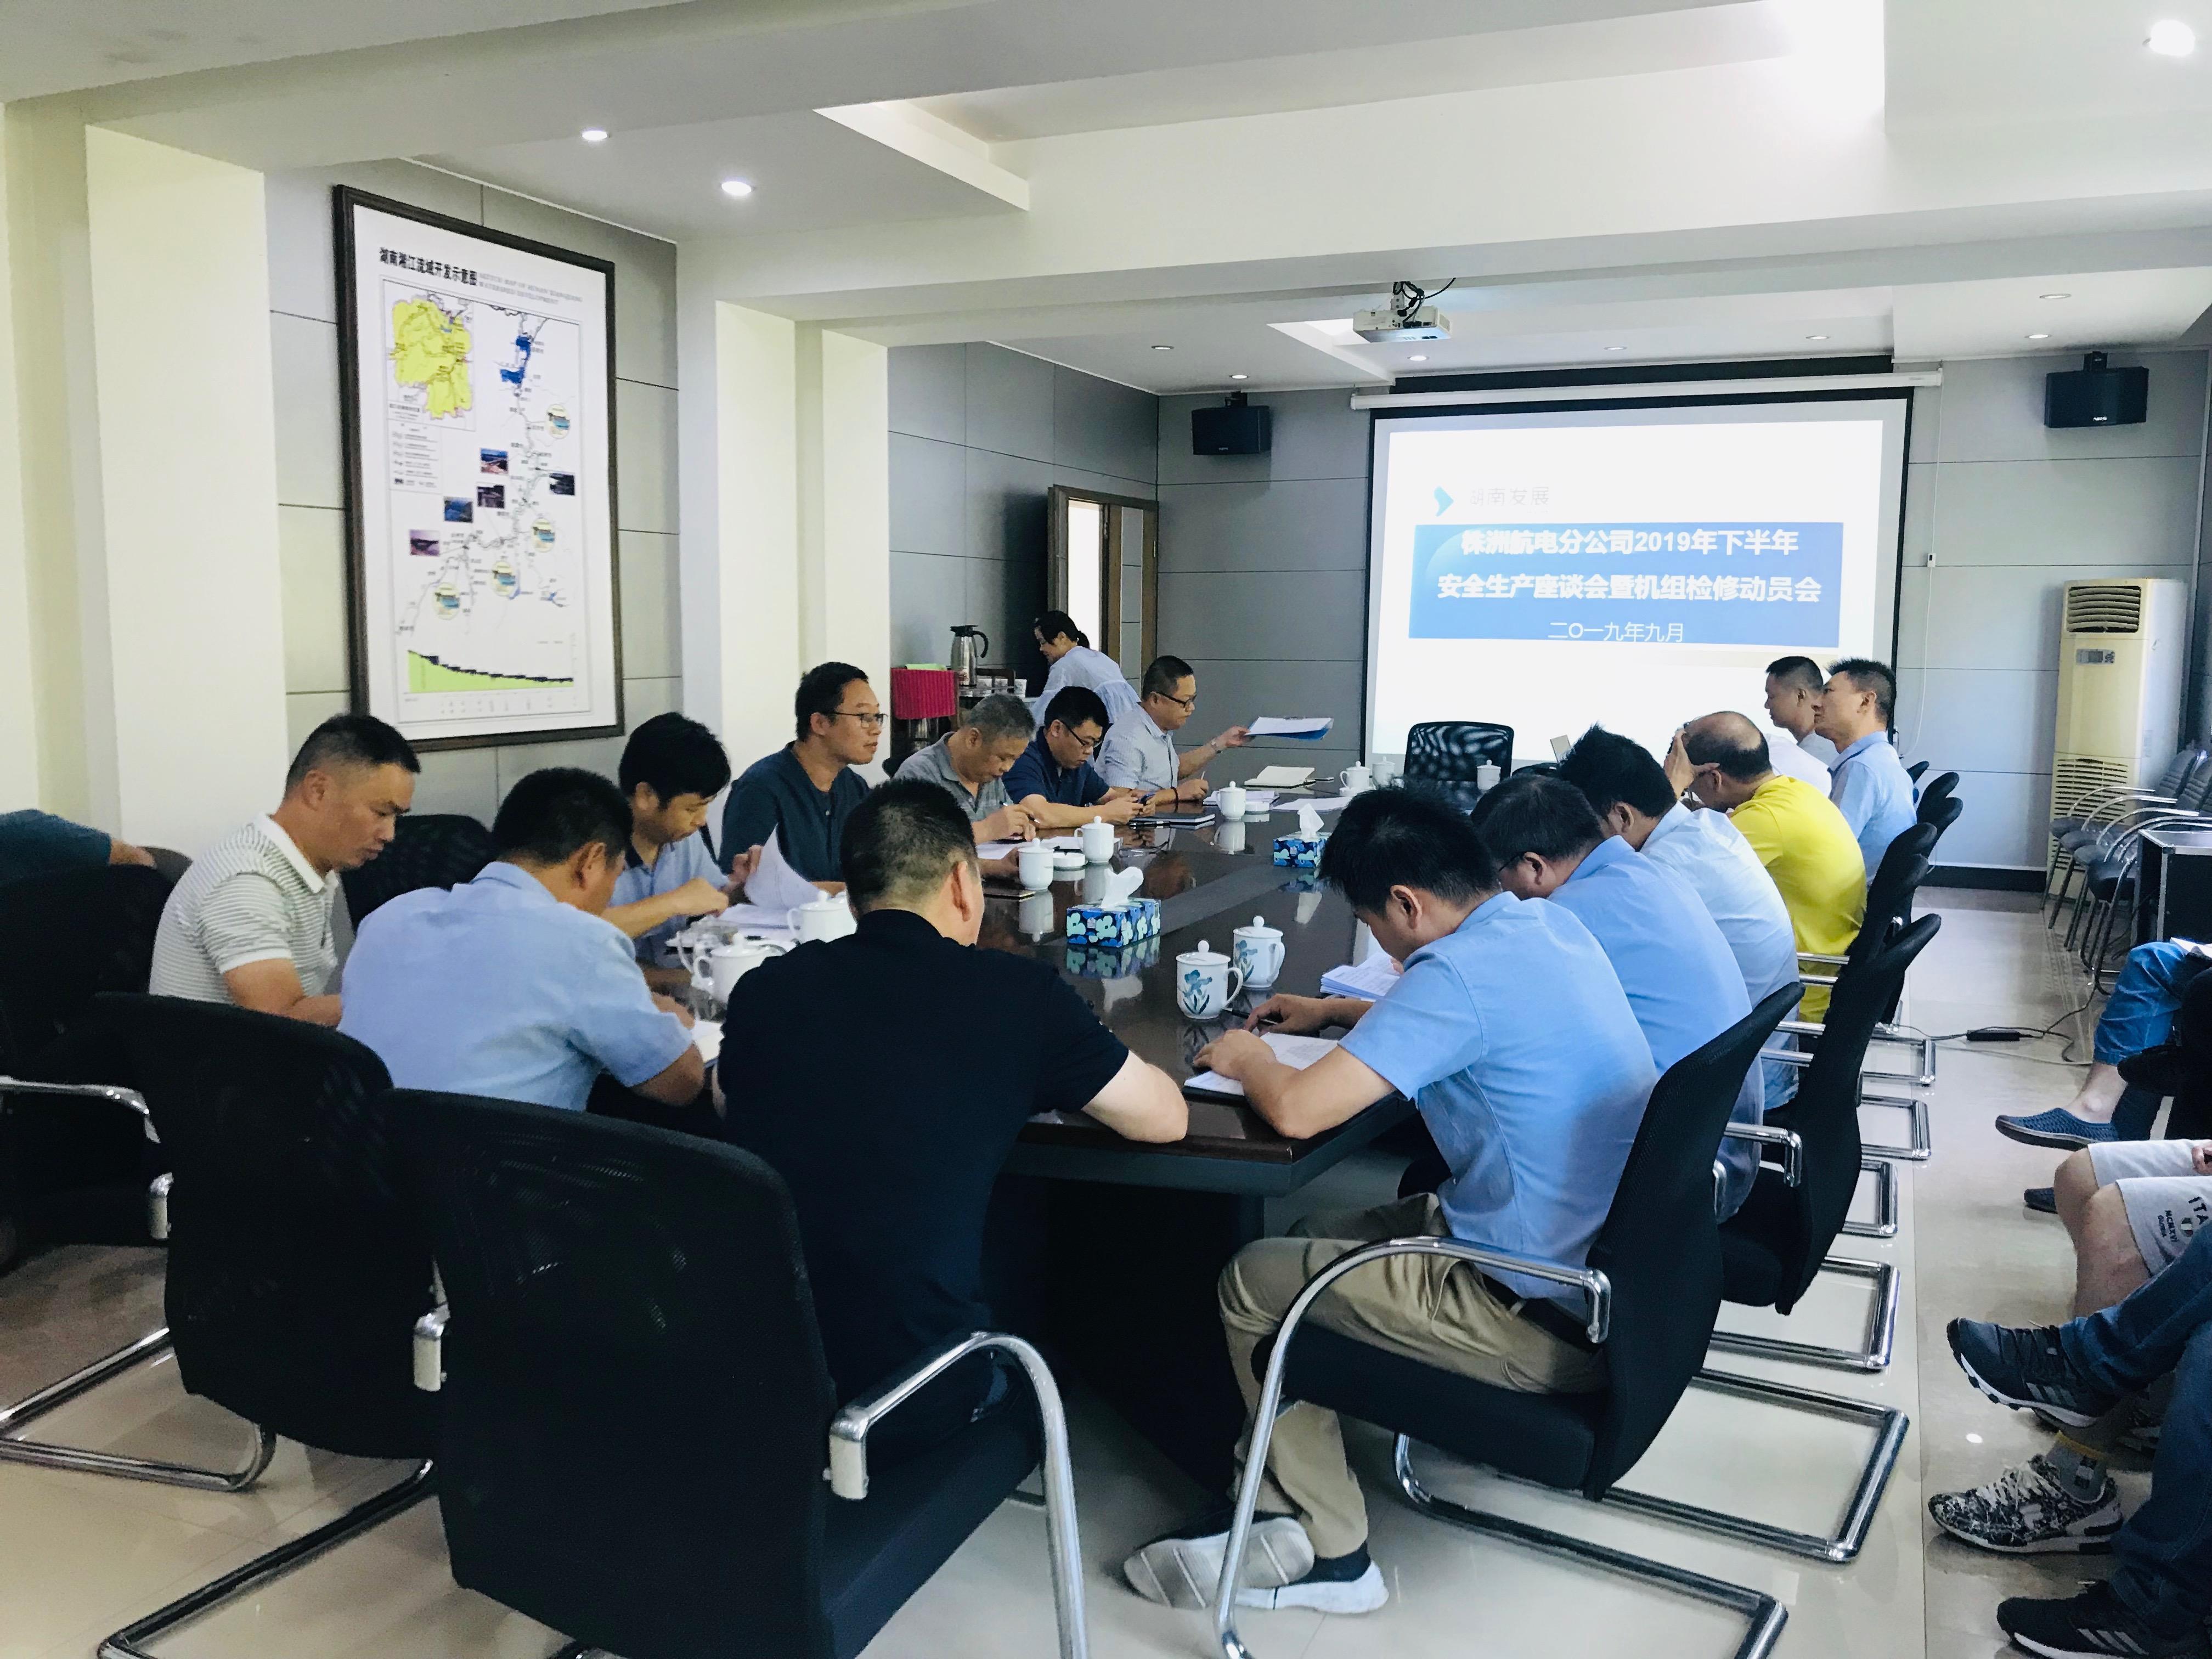 株洲航电分公司召开2019年下半年安全生产座谈会暨机组检修动员会